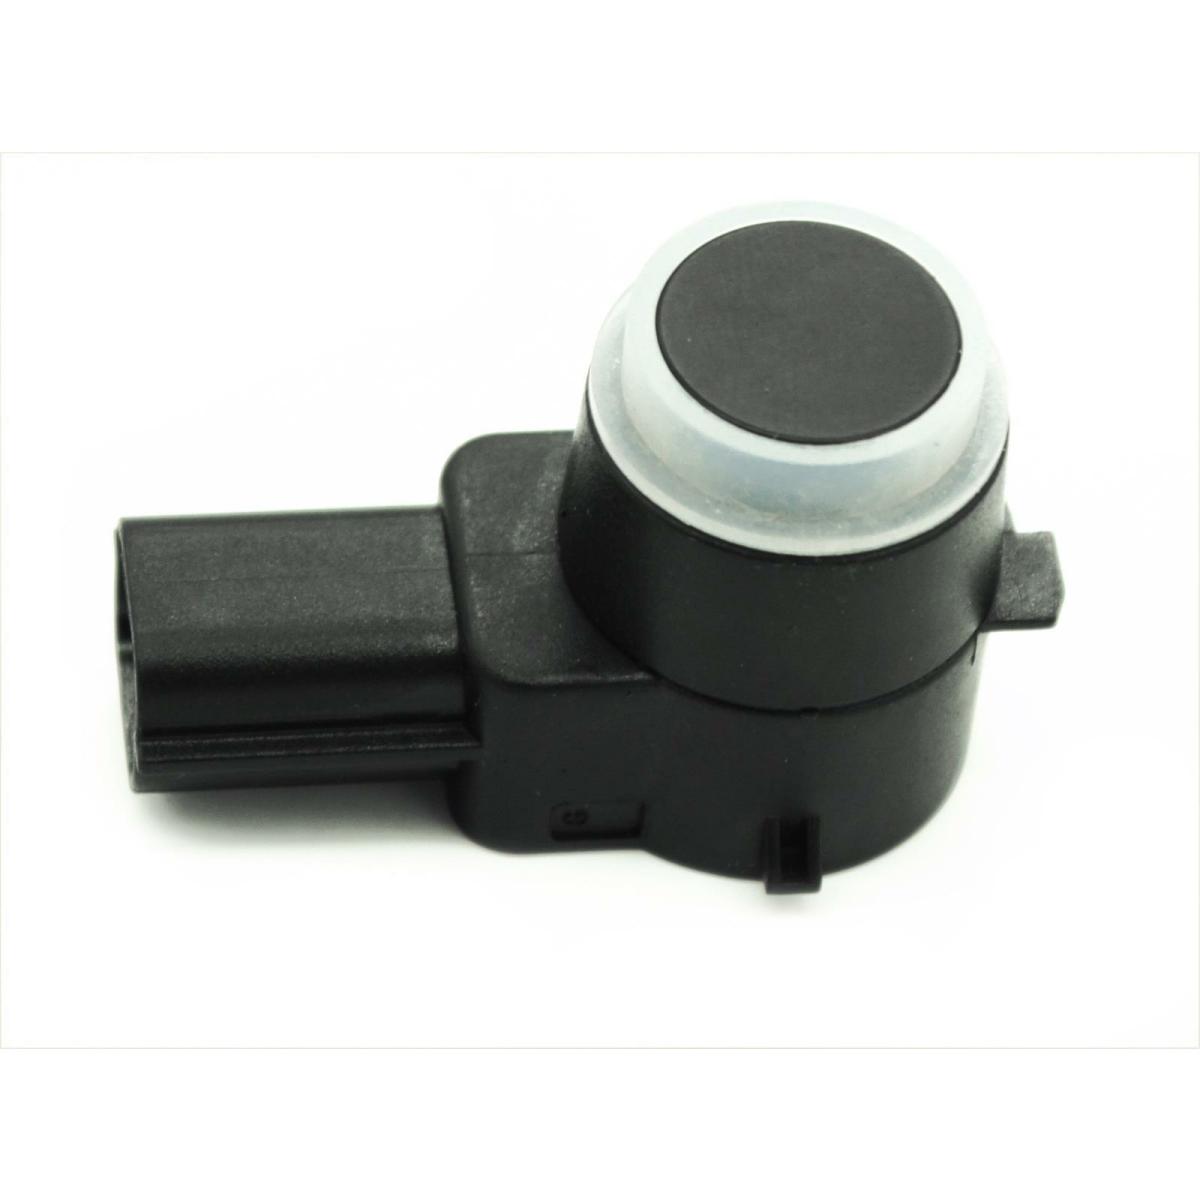 Parksensor 94812913 für GM PDC Parktronic